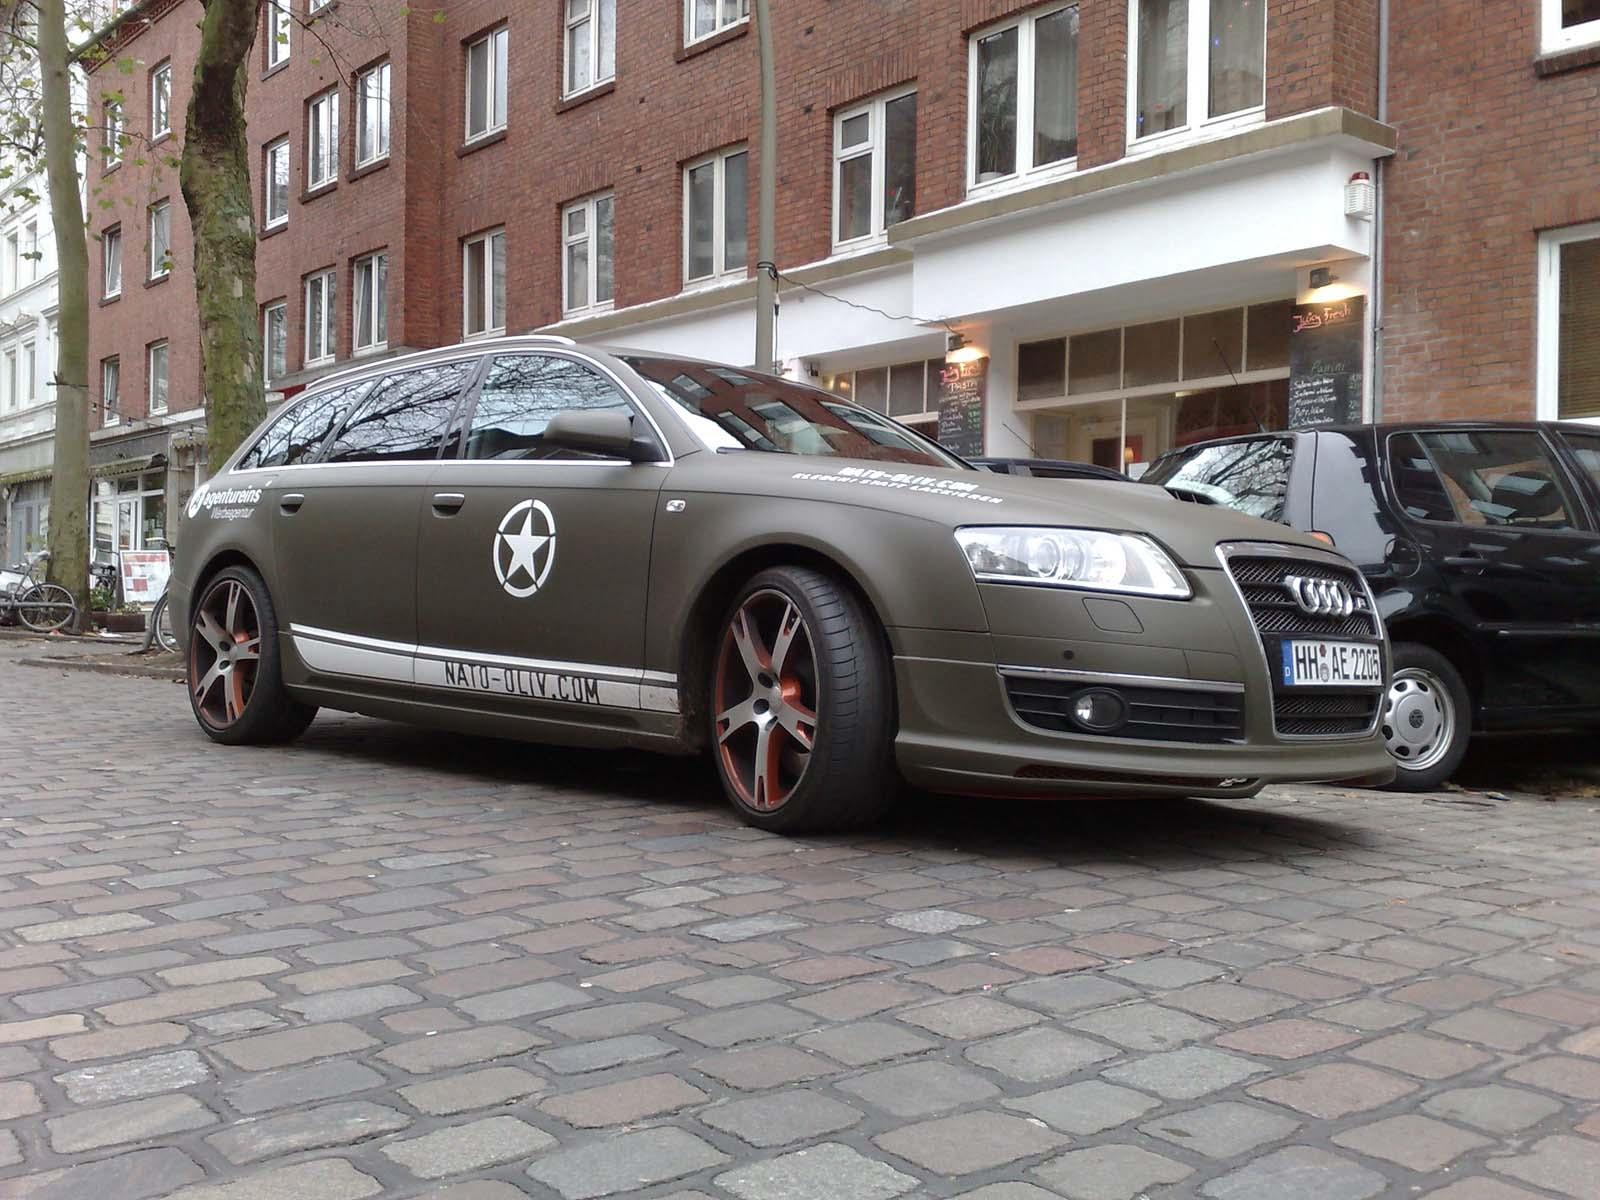 Audi_A6_Nato-Oliv_Folie_Beschriftung_06